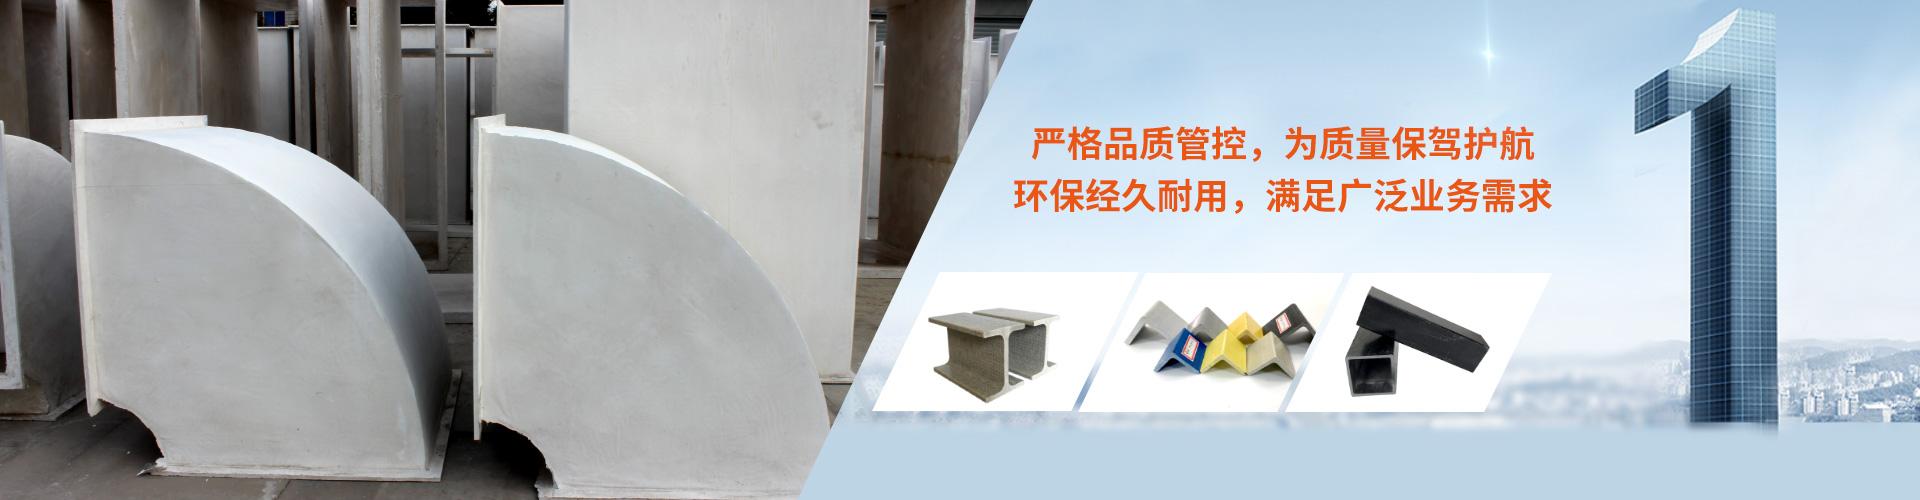 欧升玻璃钢严格品质管控,为质量保驾续航